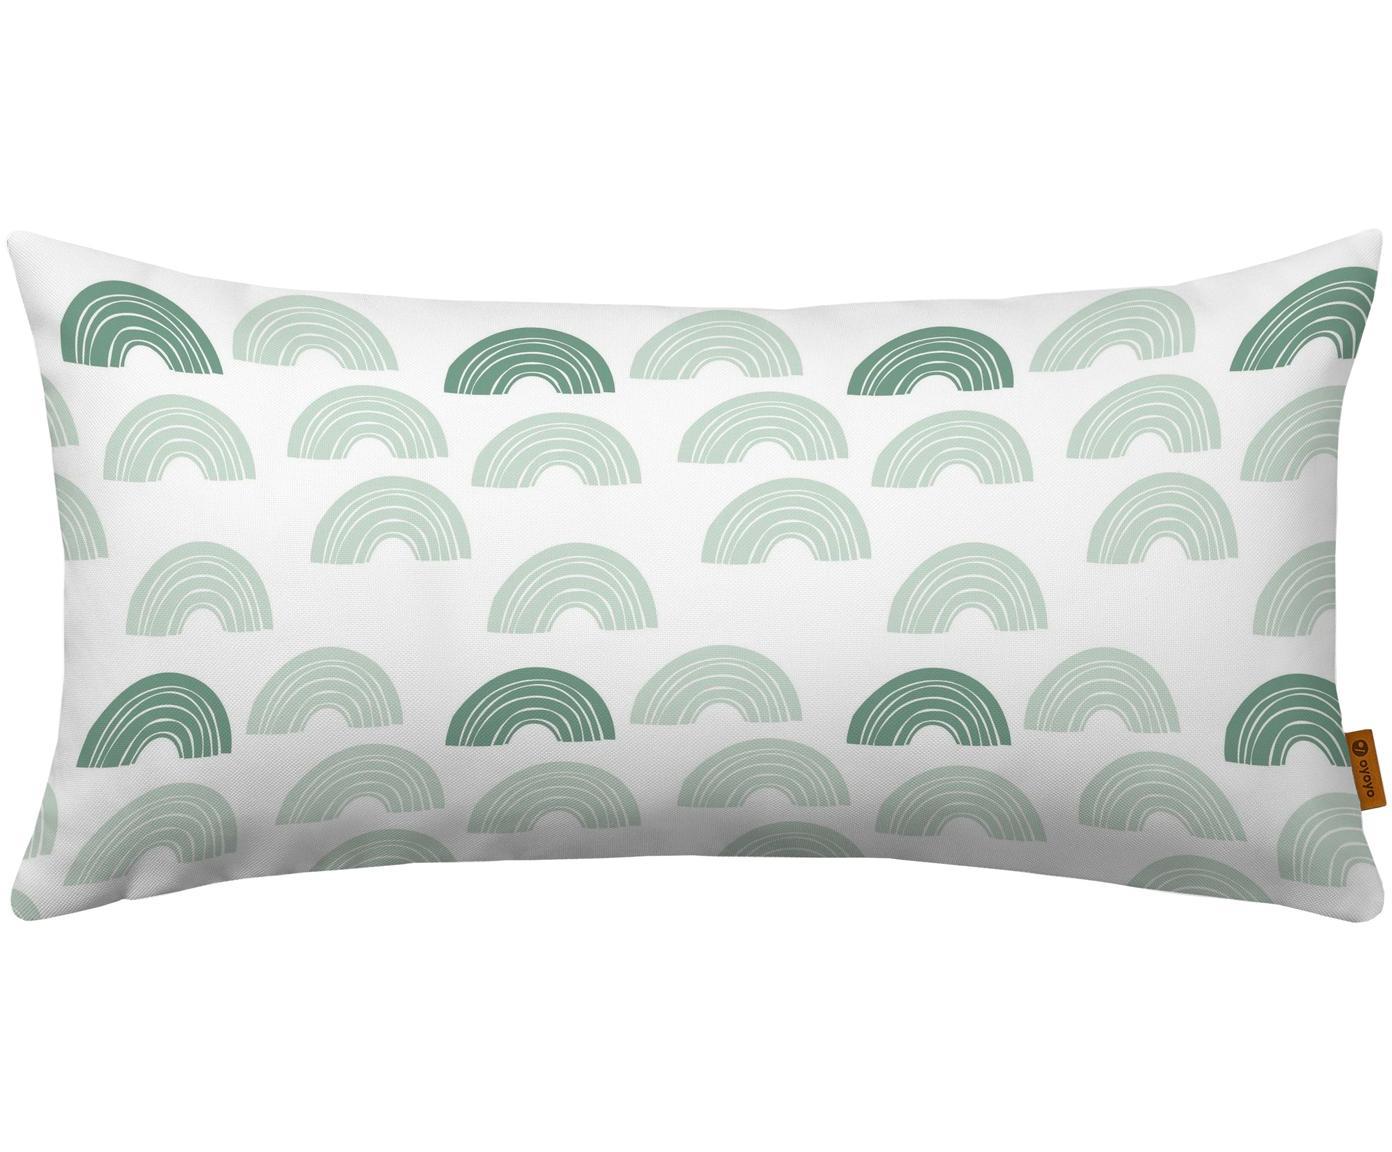 Cojín Regenbogenträume, con relleno, Funda: algodón, Blanco, verde menta, verde, An 30 x L 60 cm